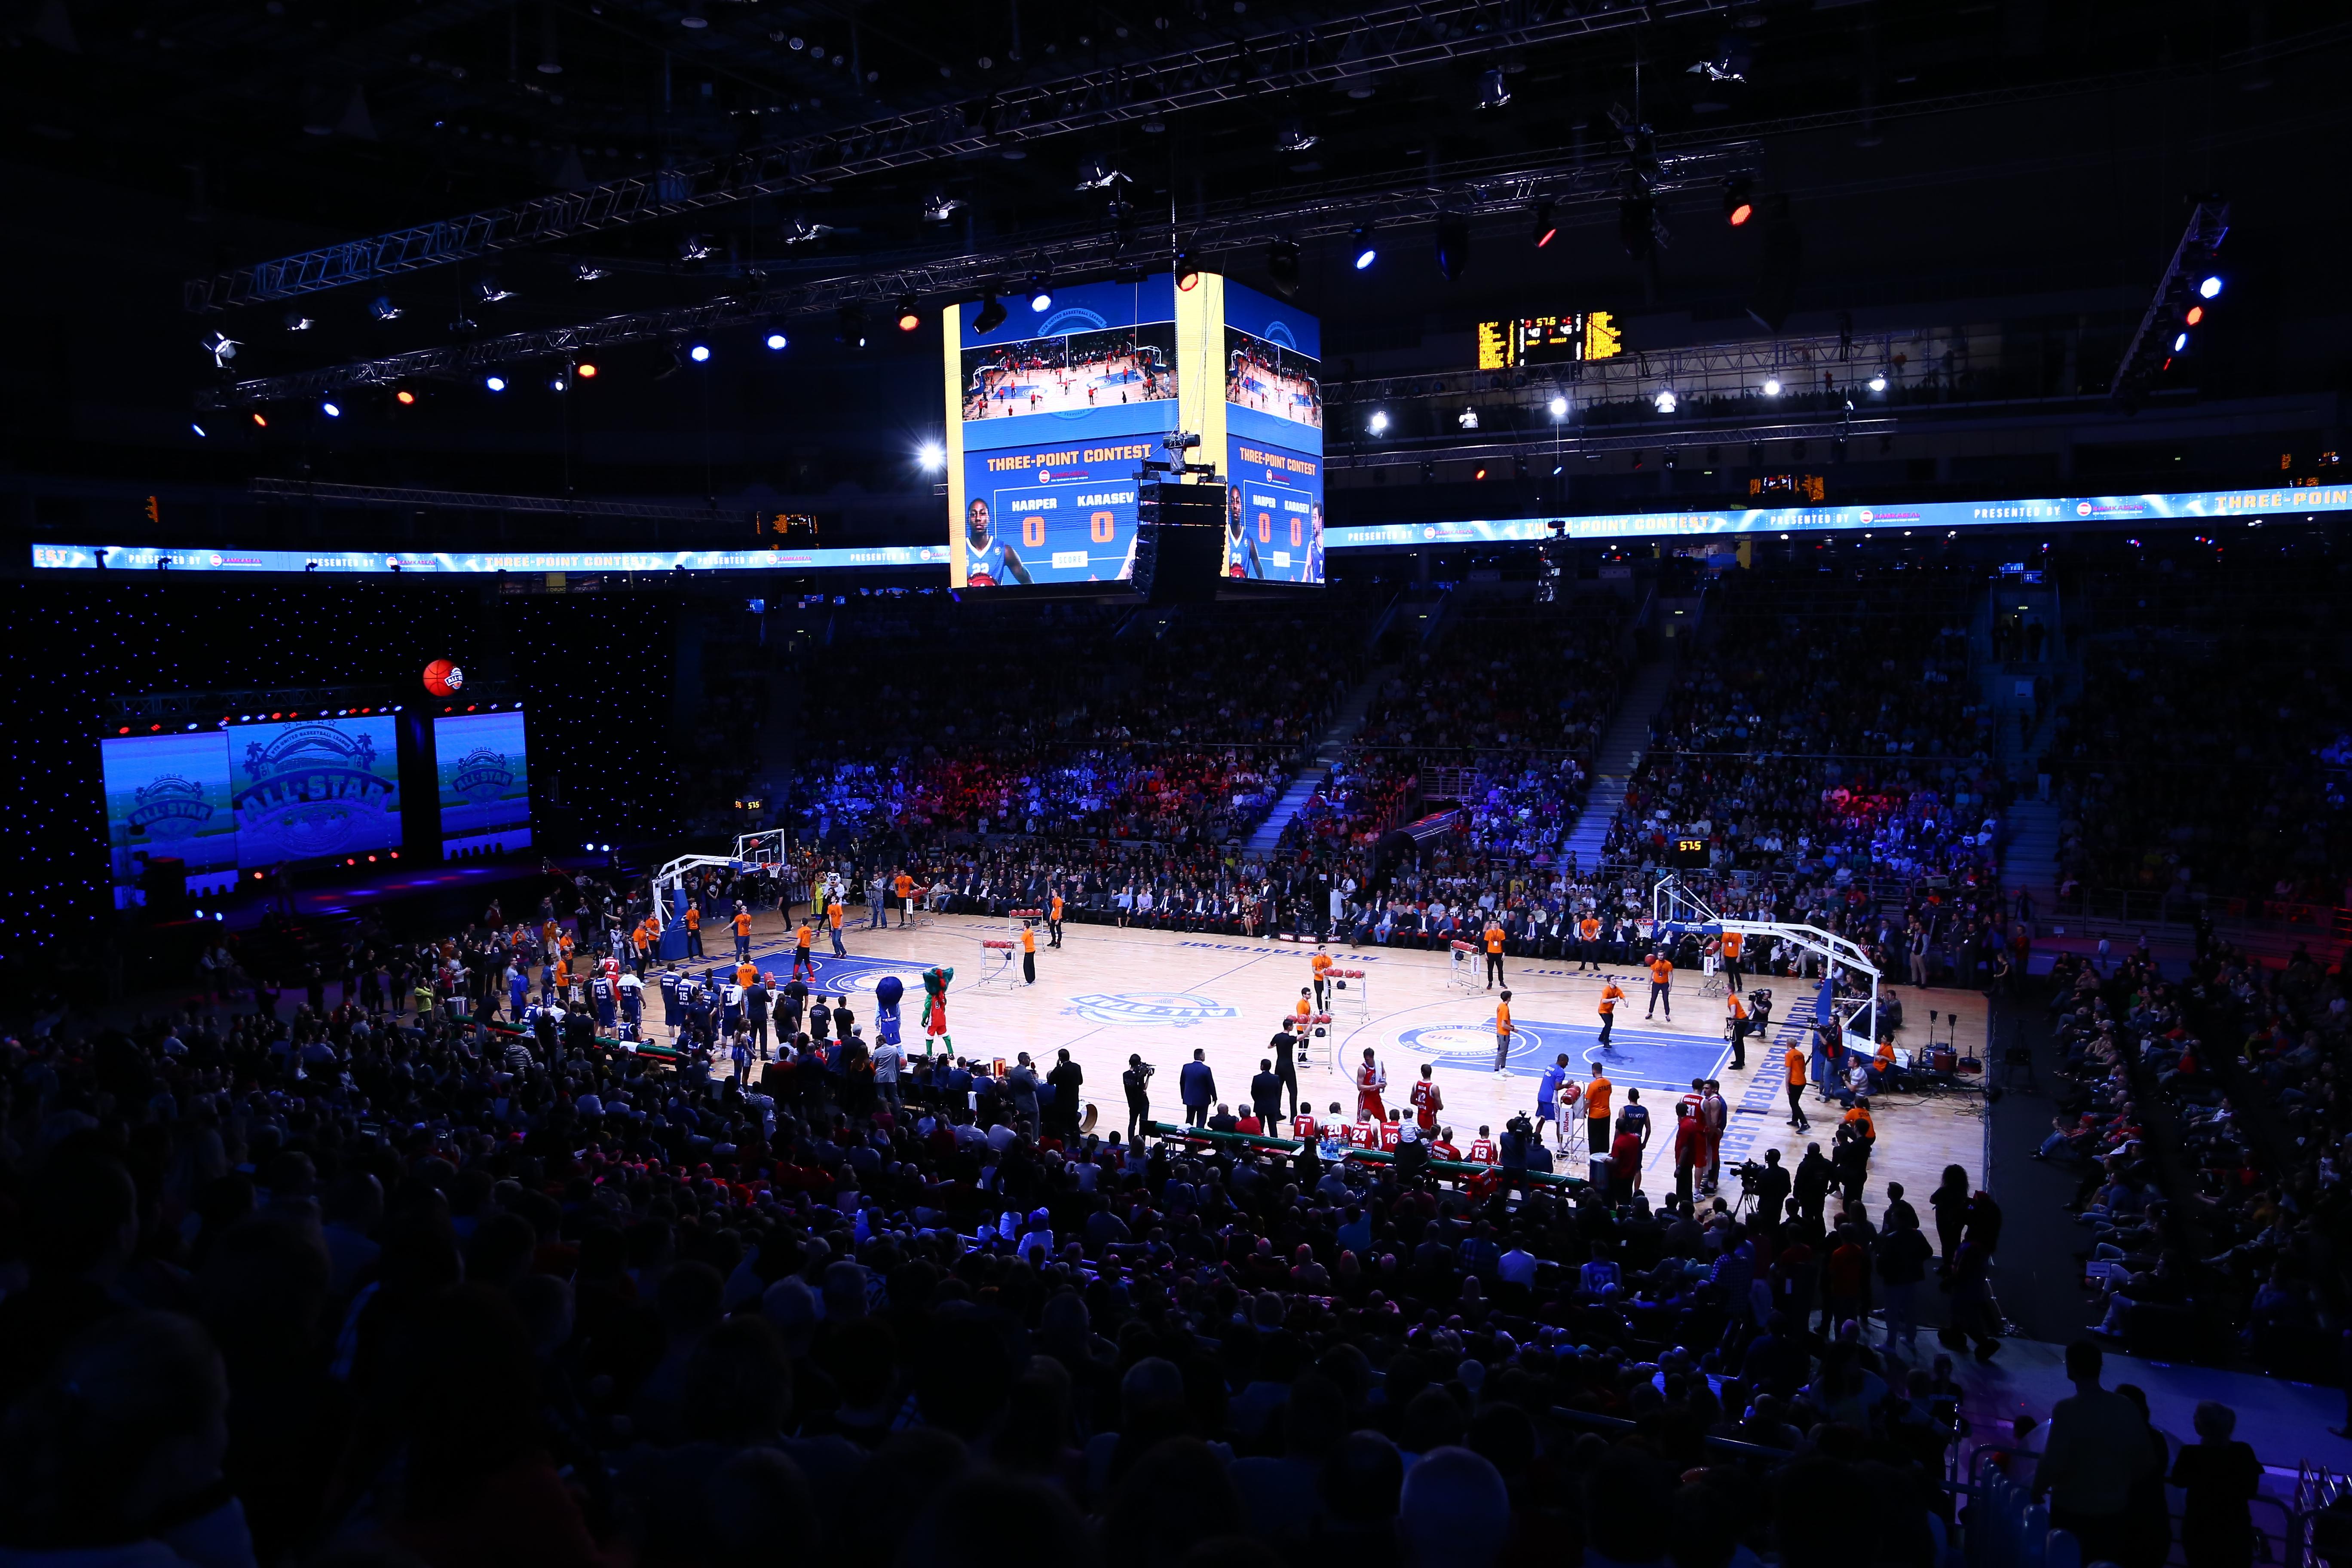 Матч Всех Звезд-2018 пройдет в Санкт-Петербурге